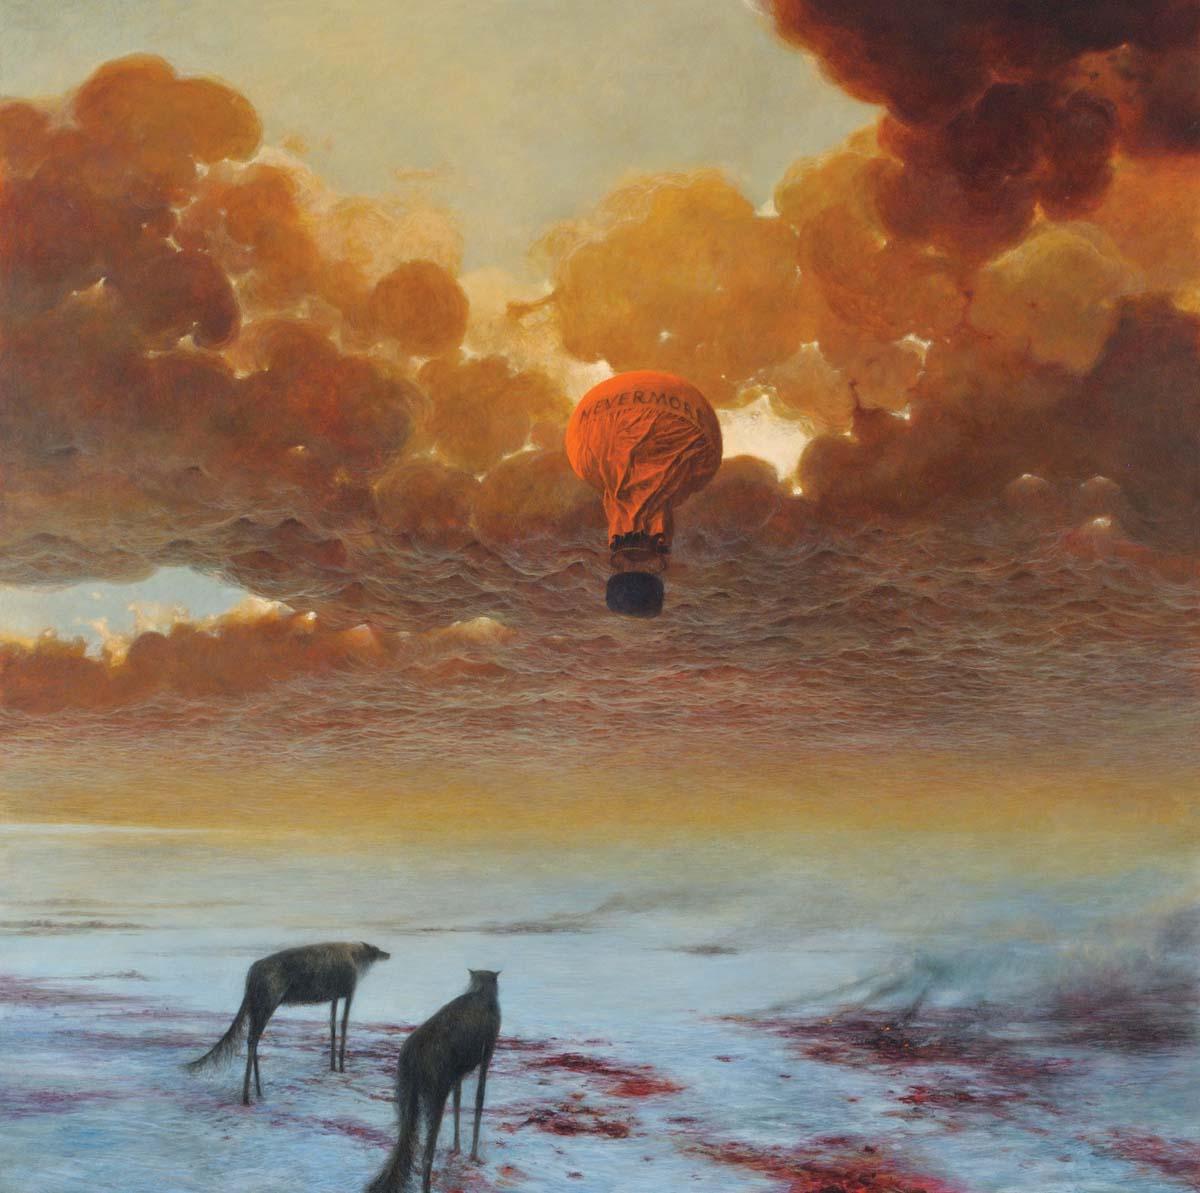 Zdzisław Beksiński obrazy, sanok, muzeum w sanoku, artysta i sztua, surrealizm